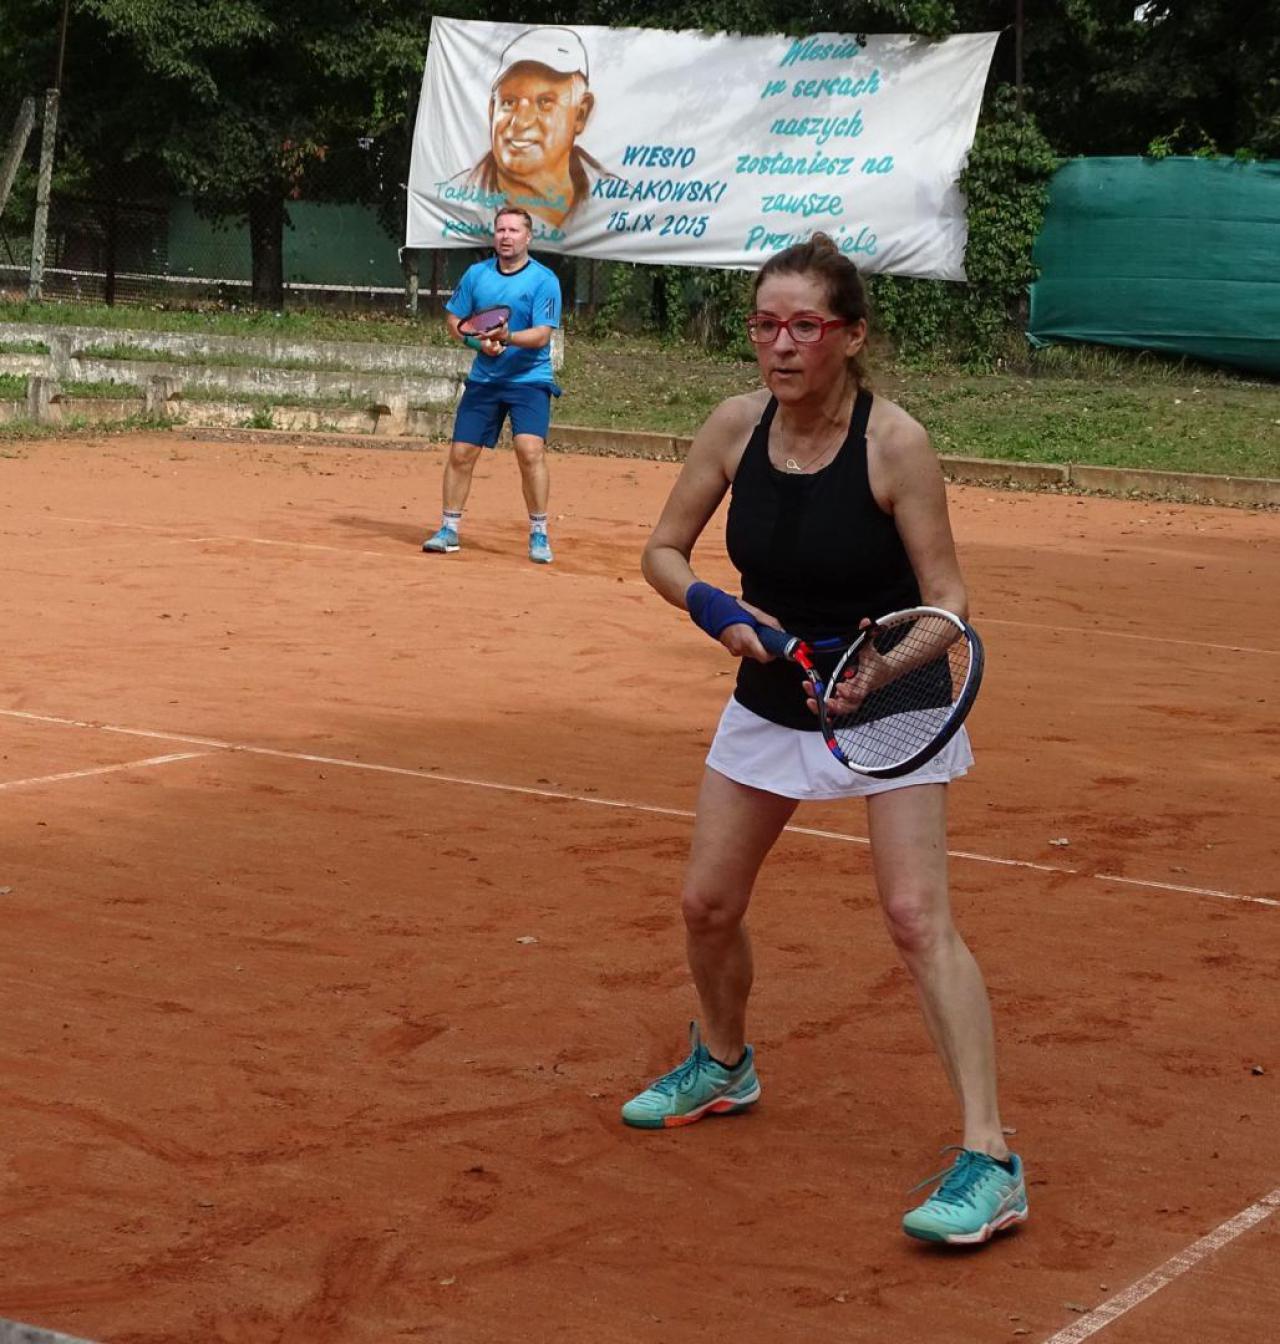 [FOTO] 7. Turniej Mikstów pamięci Wiesia Kułakowskiego